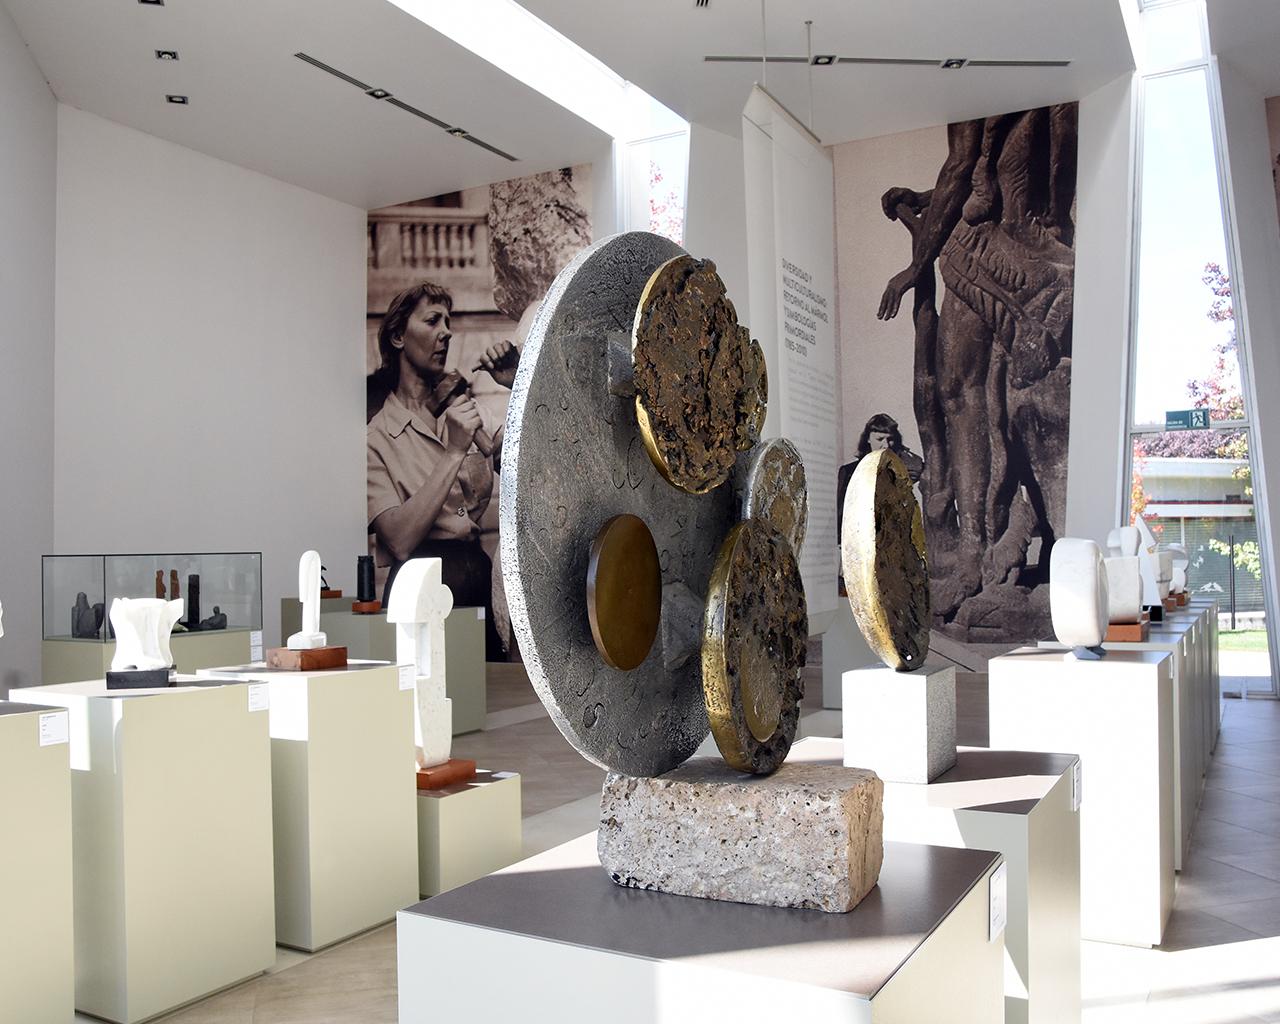 Legado de la escultora Lily Garafulic puede ser conocido a través de recorrido virtual